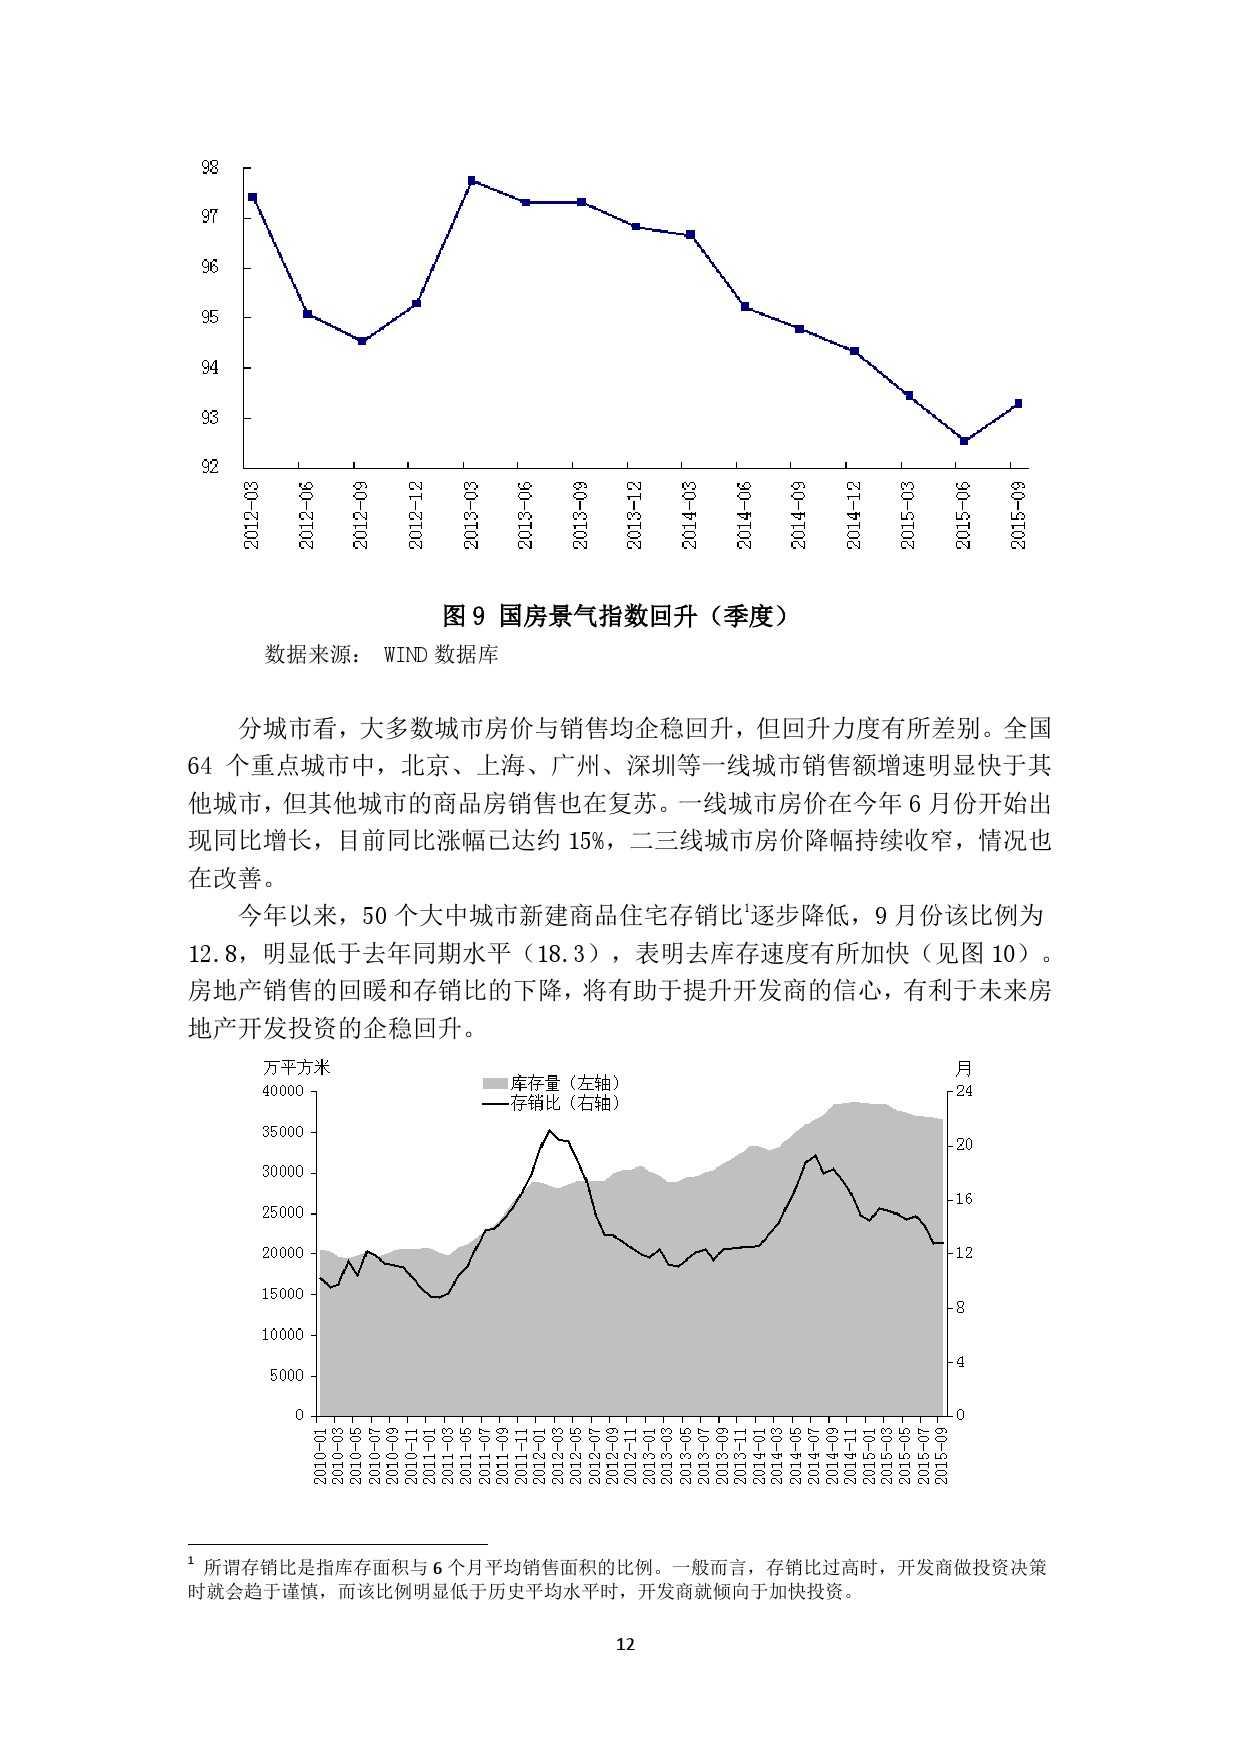 中国人民银行:2016 年中国宏观经济预测_000012